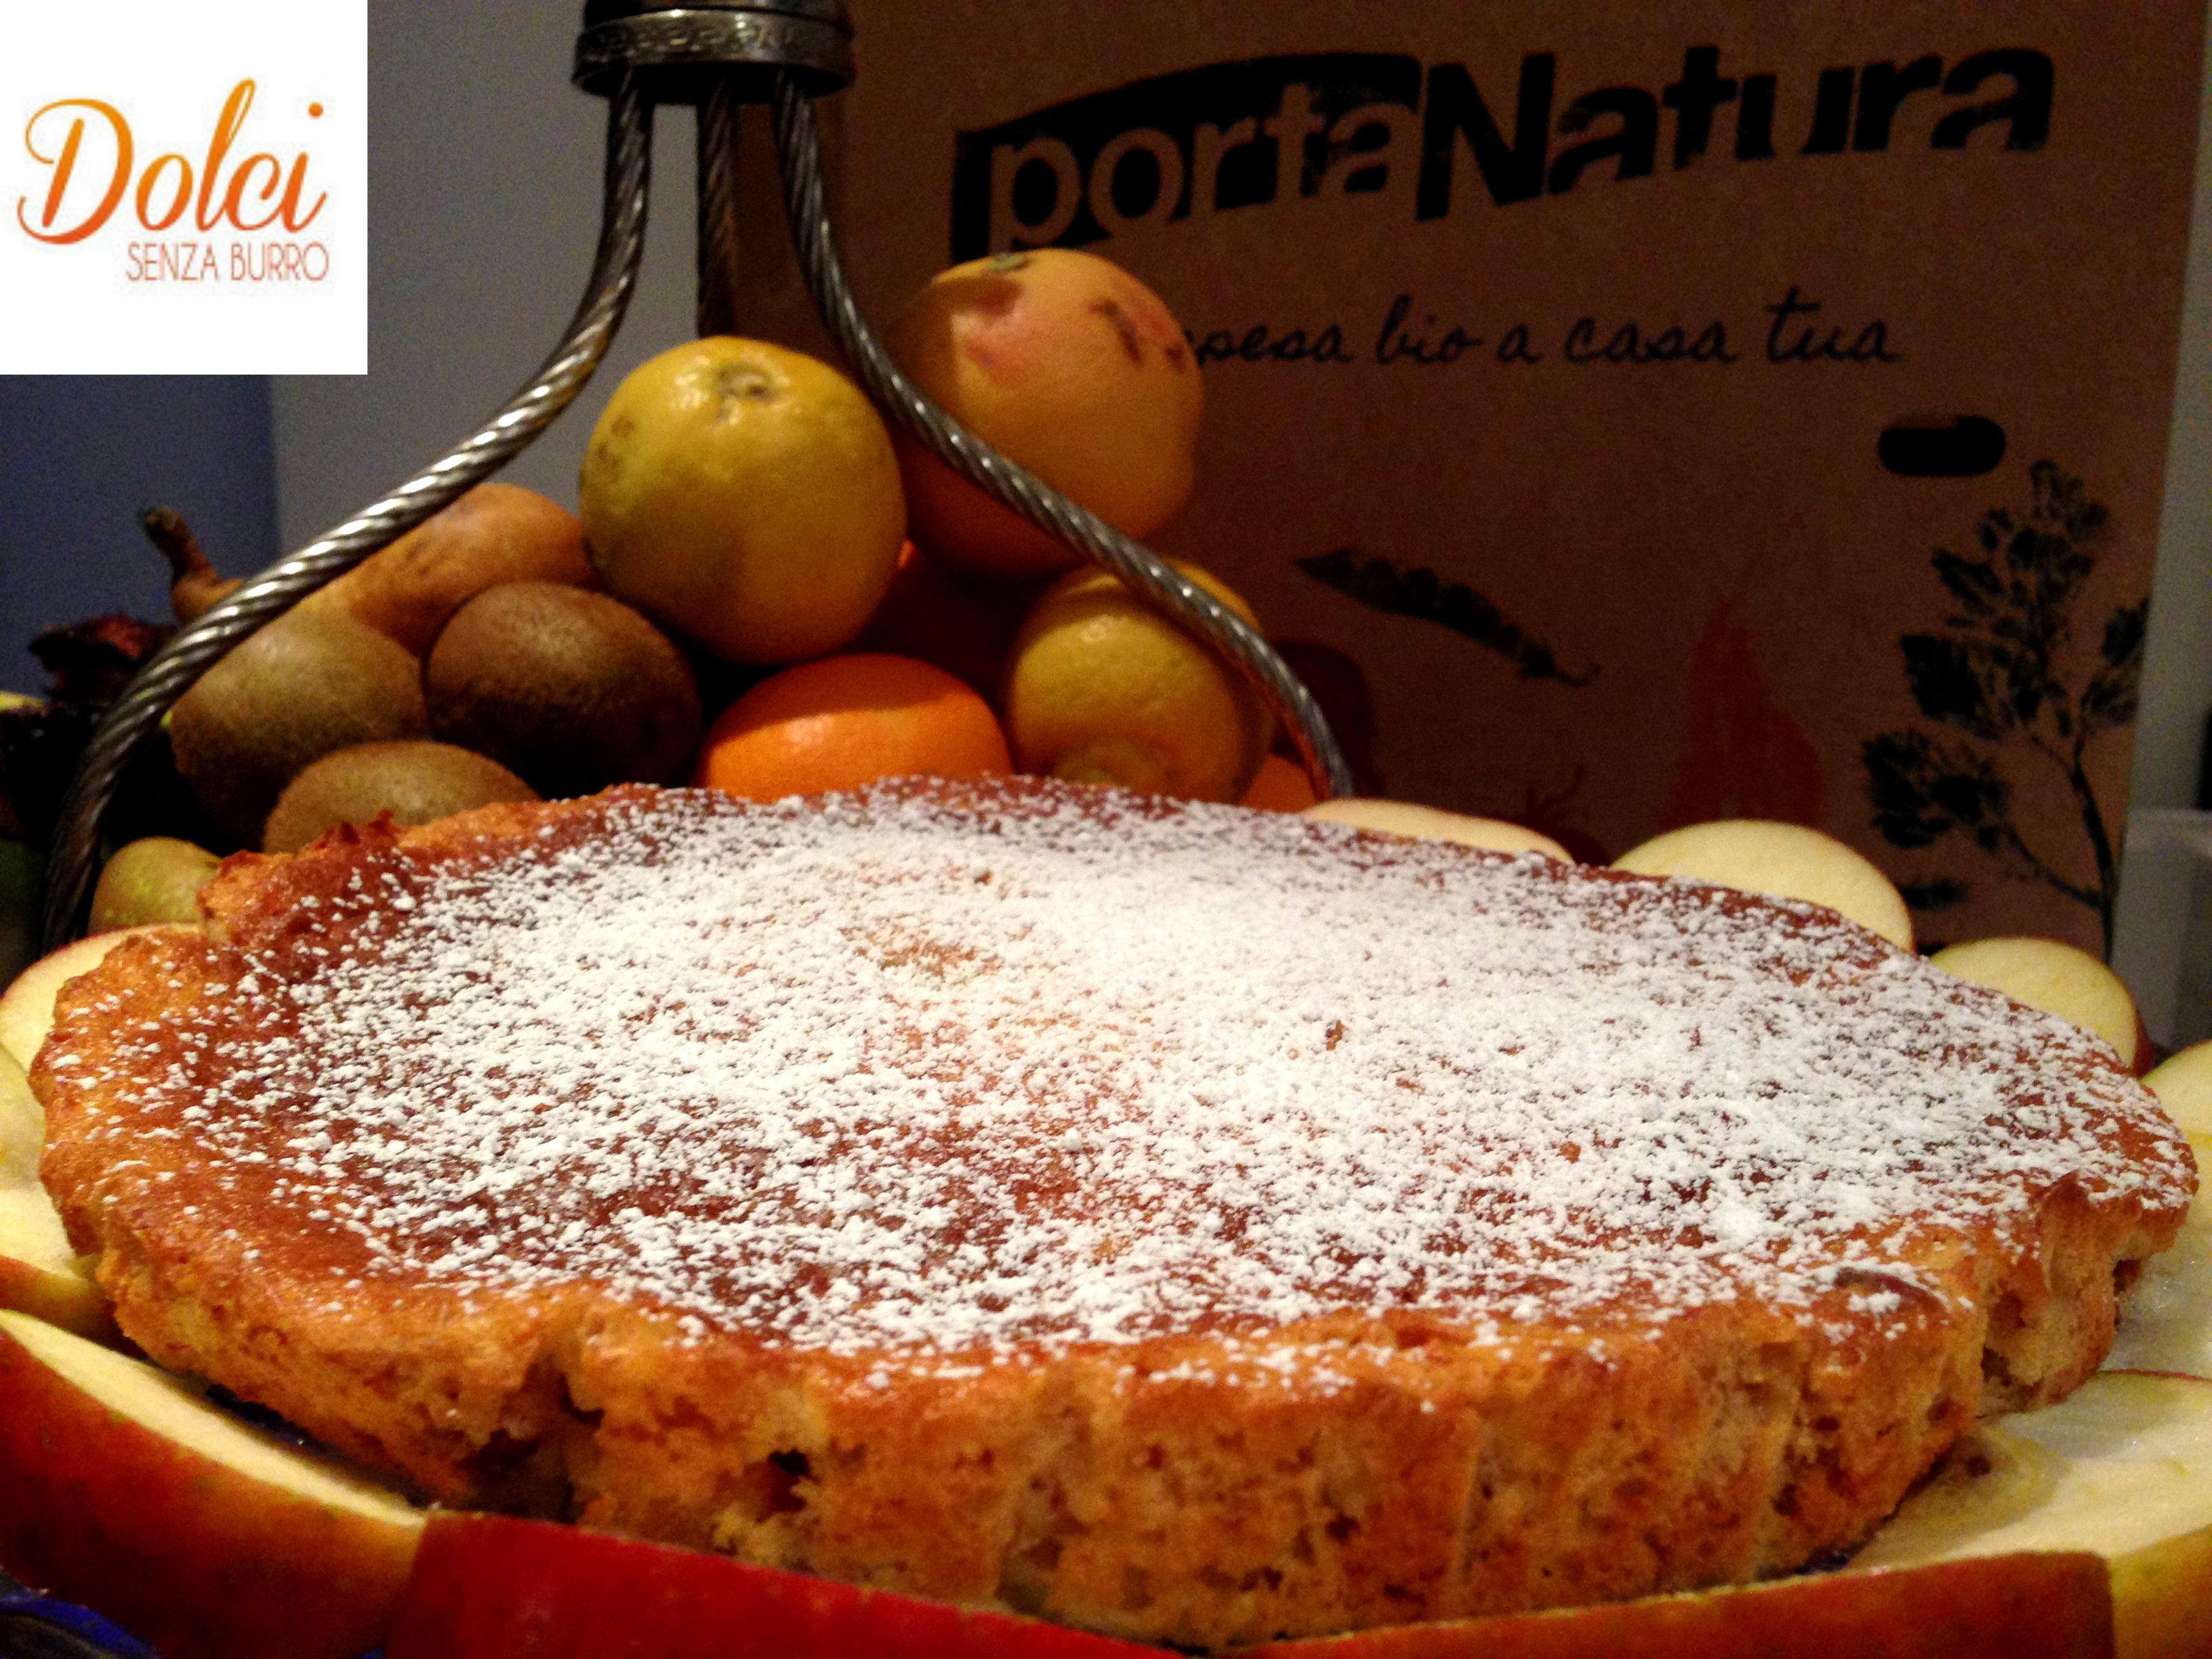 Torta di Frutta Senza Burro, un dolce senza lattosio di dolci senza burro